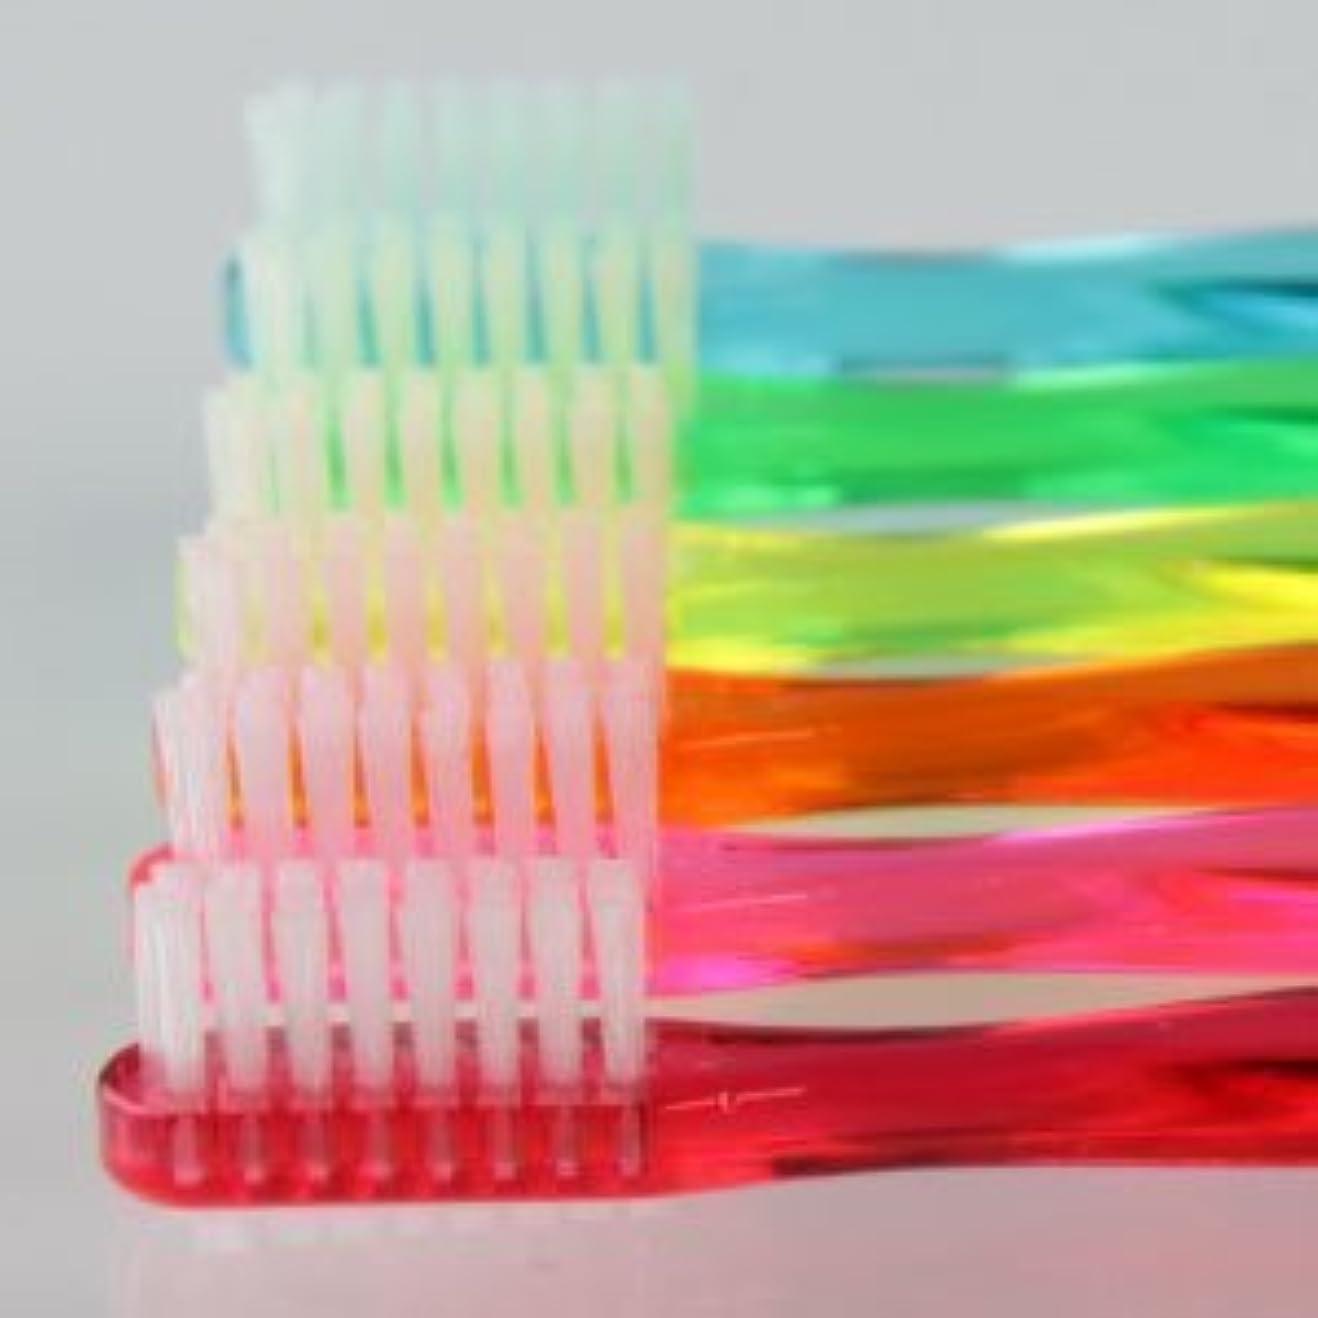 膨張する子豚こどもセンターサムフレンド 歯ブラシ #11(乳歯?永久歯の混合歯列期向け) 6本 ※お色は当店お任せです